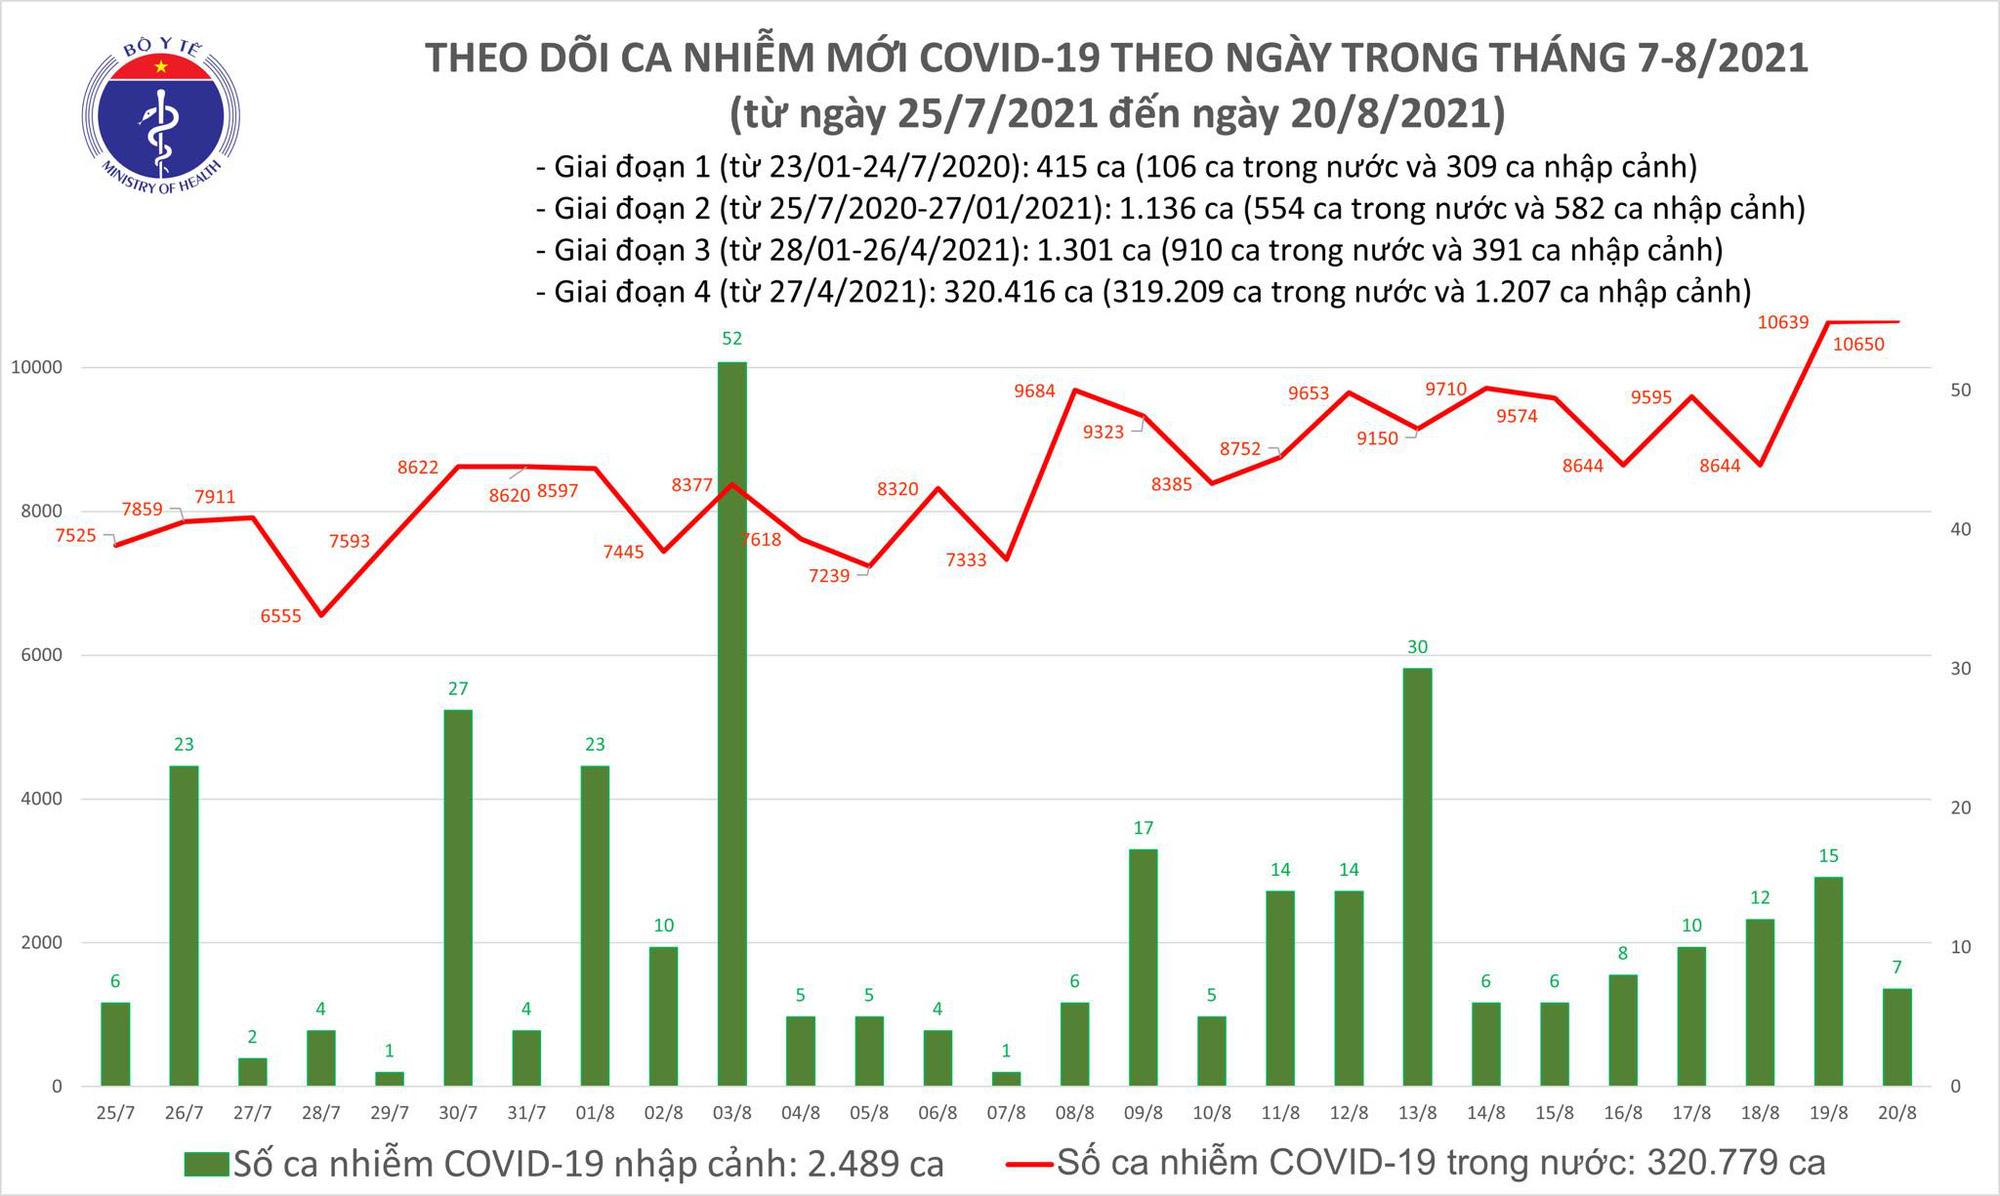 Tối 20/8: Thêm 10.657 ca COVID-19, Bình Dương có số mắc cao nhất với 4.223 ca-1